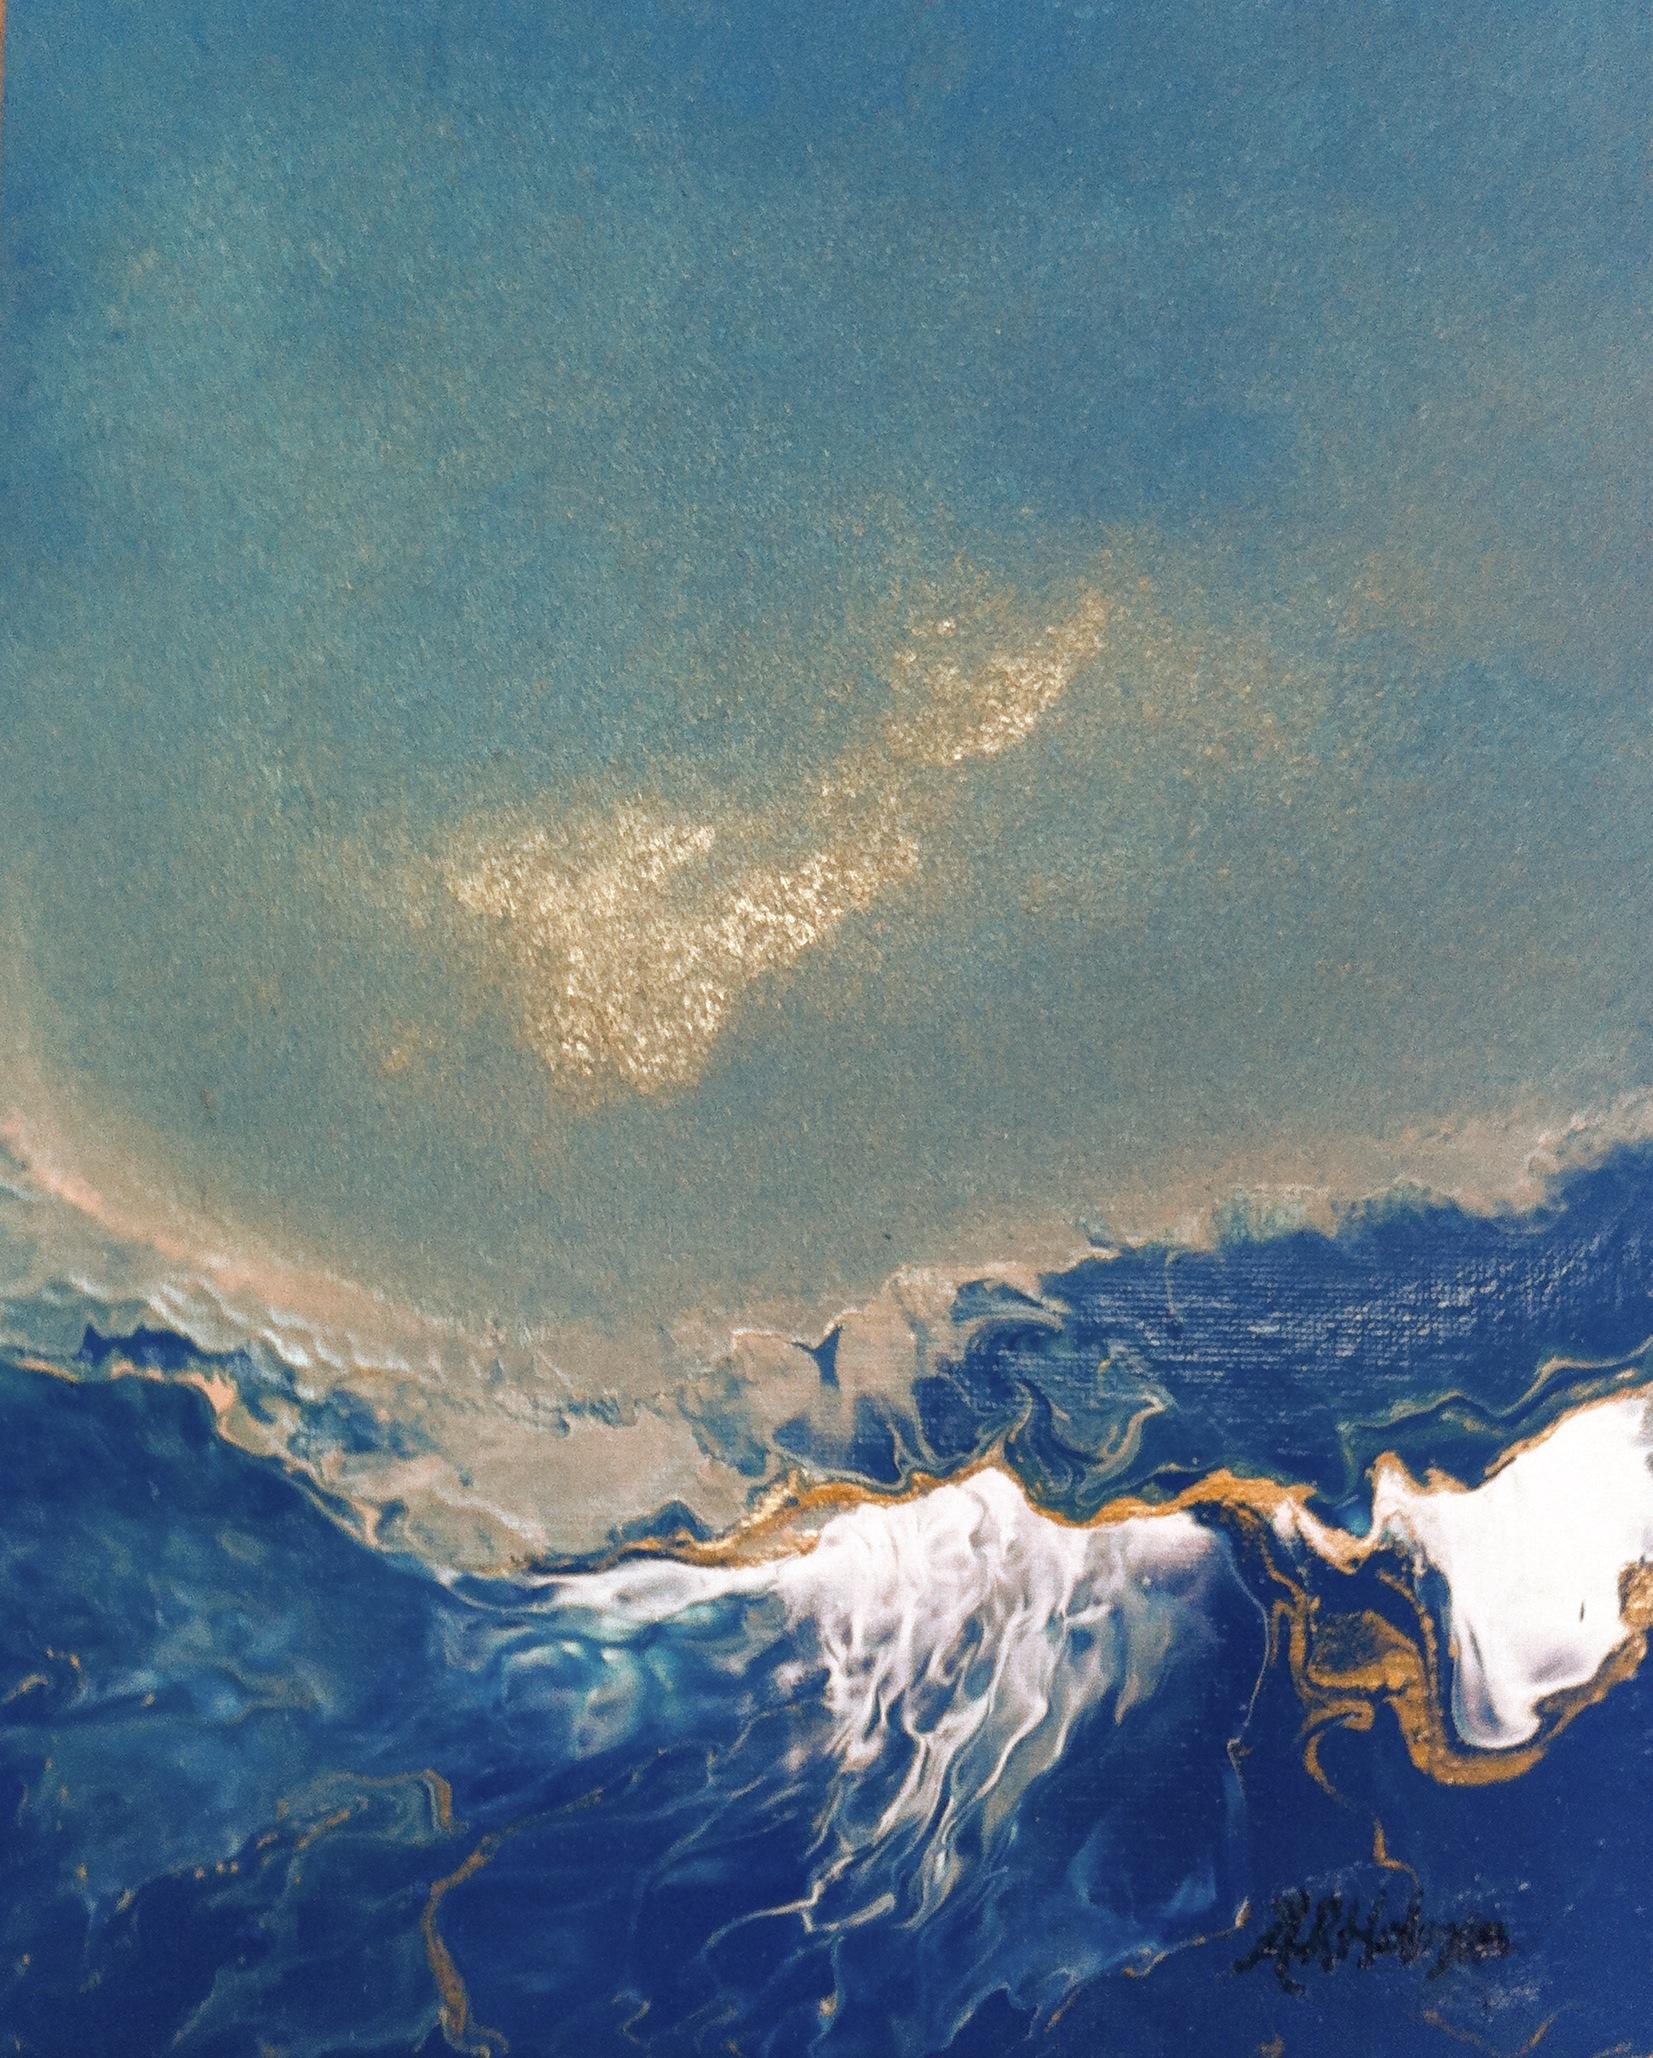 Seascape 0.3